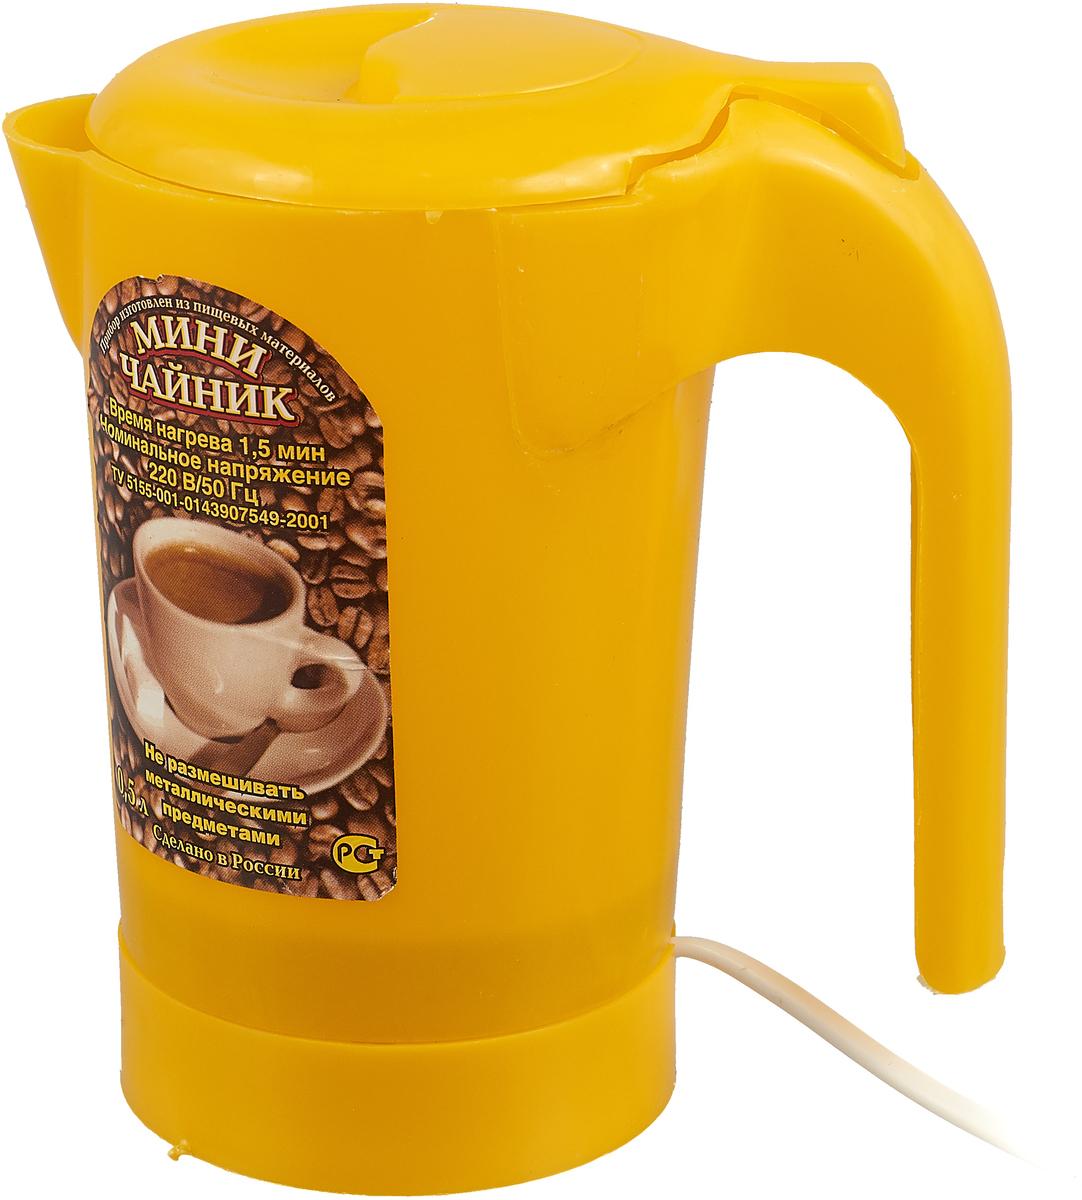 Zimber ZM-1235 электрический чайник, цвет: желтый